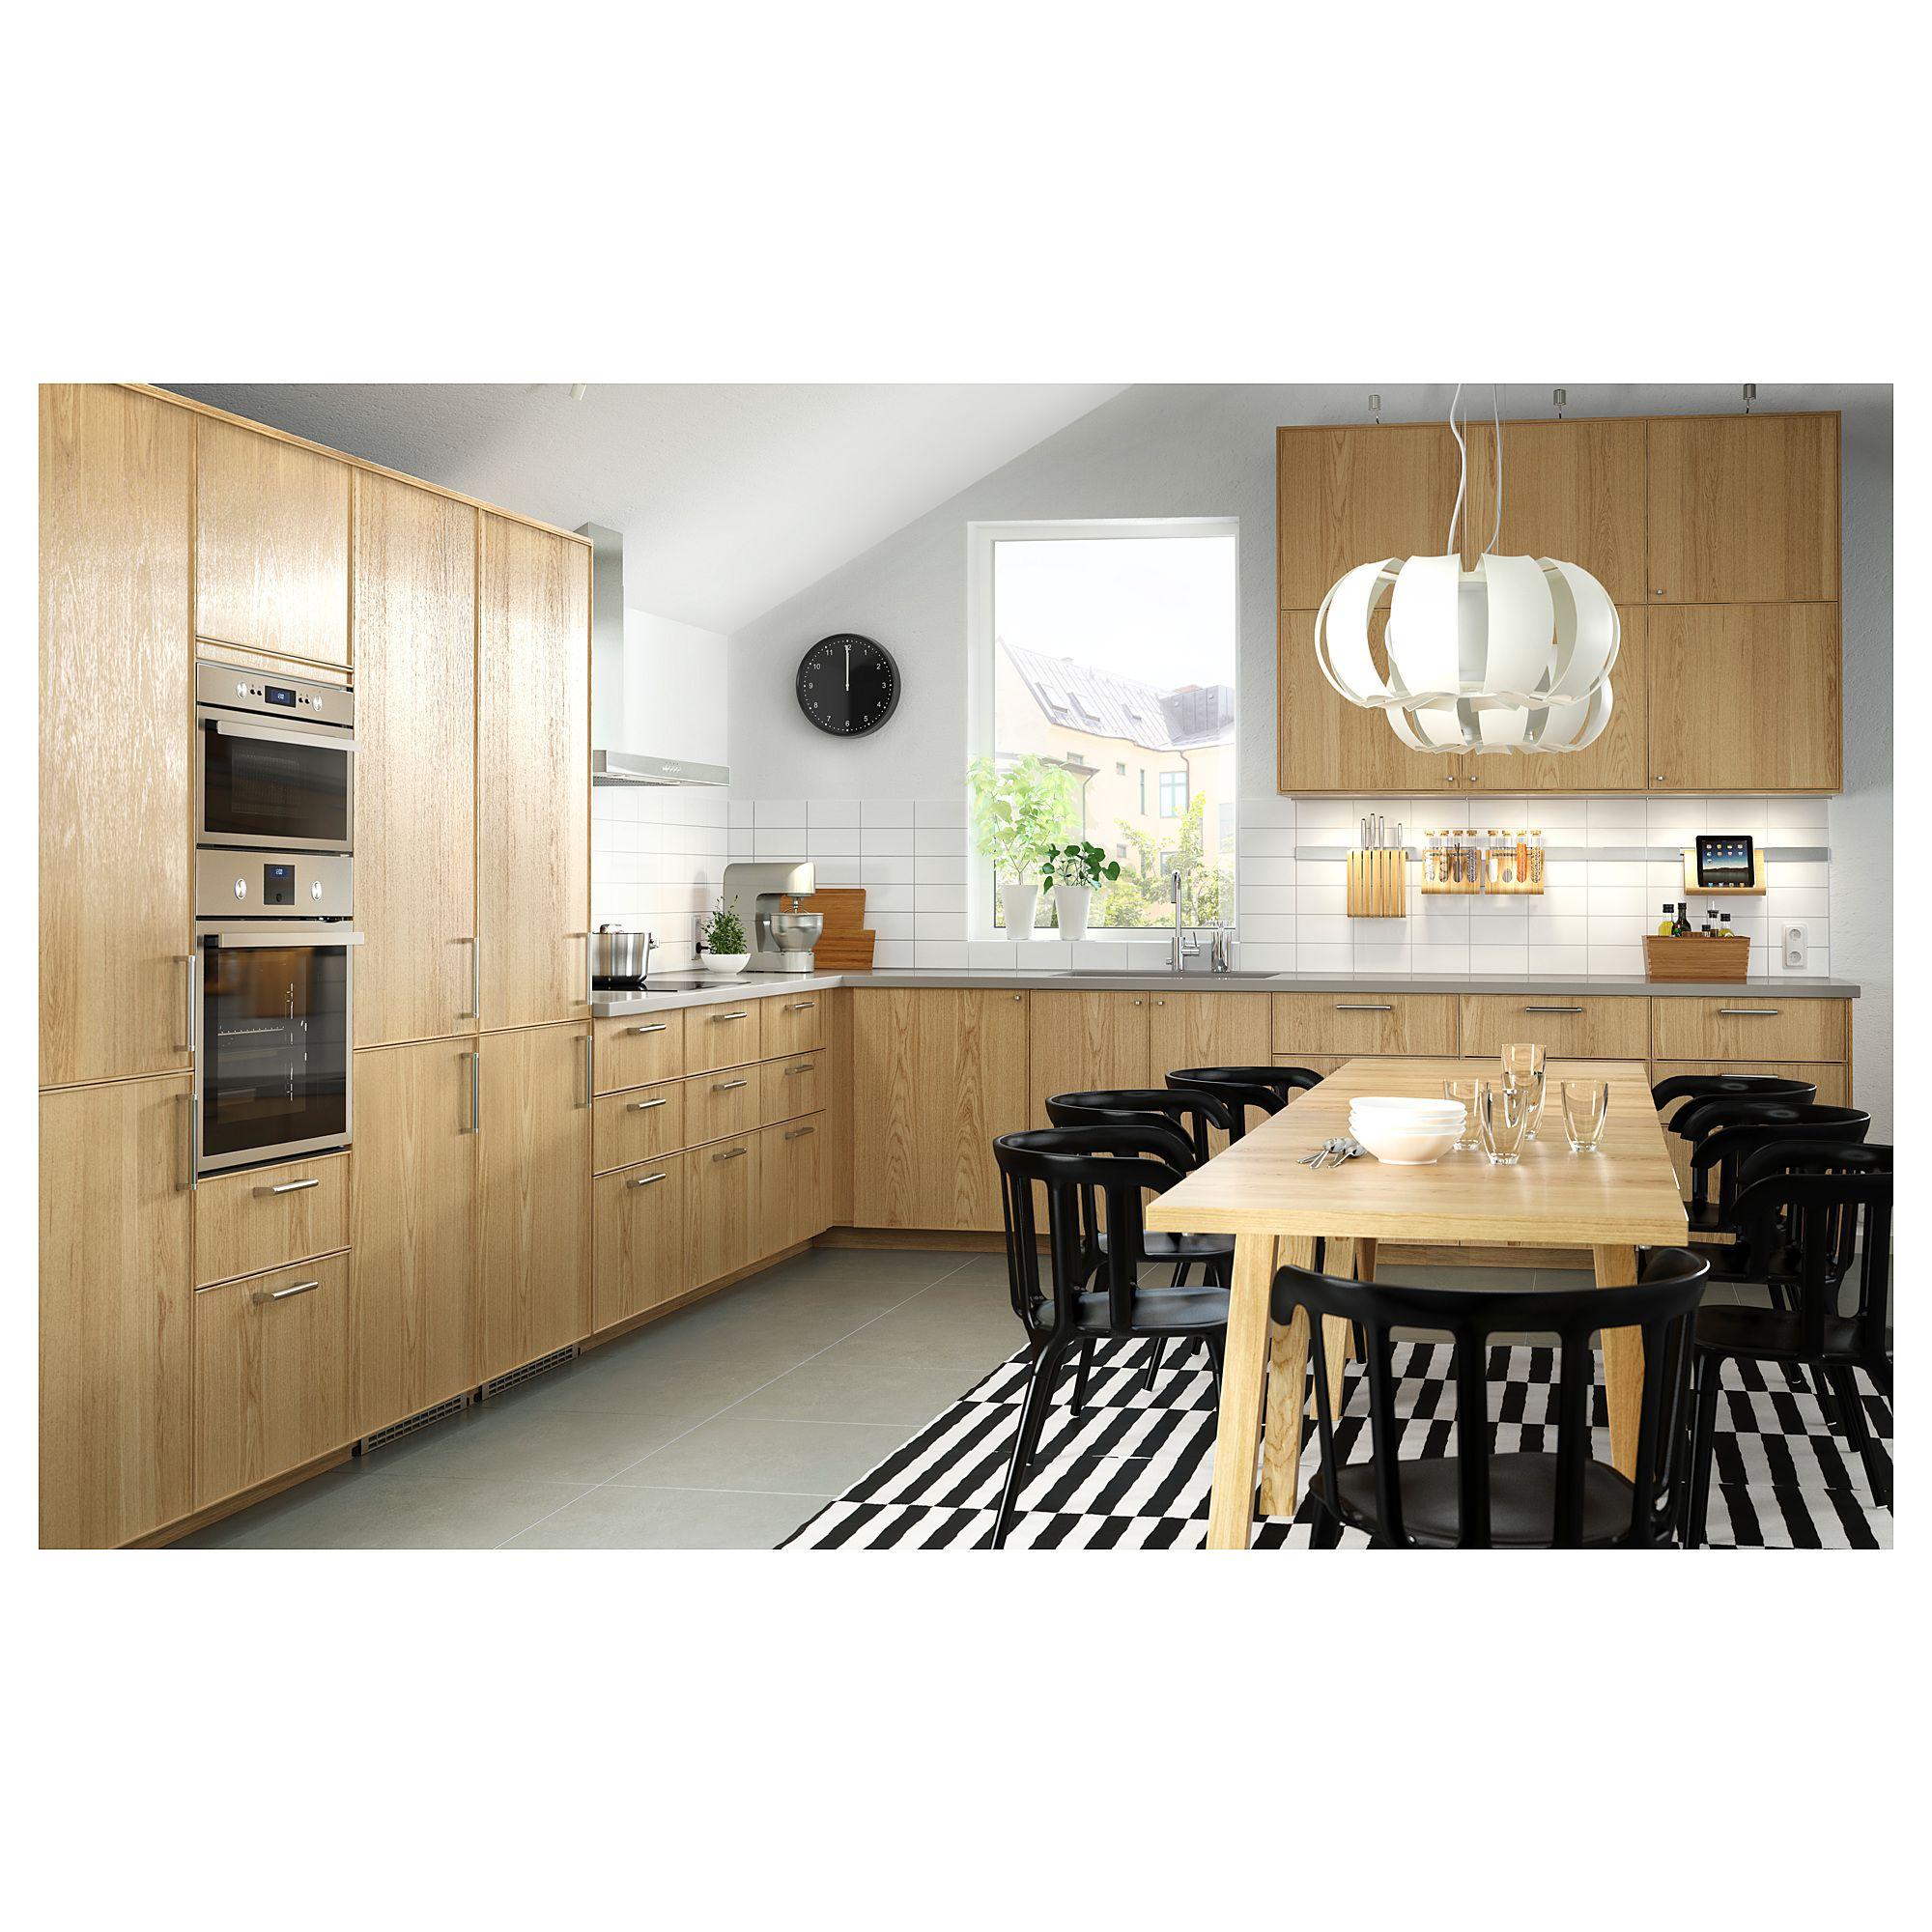 Full Size of Küche Kaufen Tipps Einbauküche Ohne Kühlschrank Aluminium Verbundplatte Freistehende Finanzieren Arbeitsplatte Mintgrün Bodenbeläge Miniküche Bad Teppich Wohnzimmer Teppich Küche Ikea